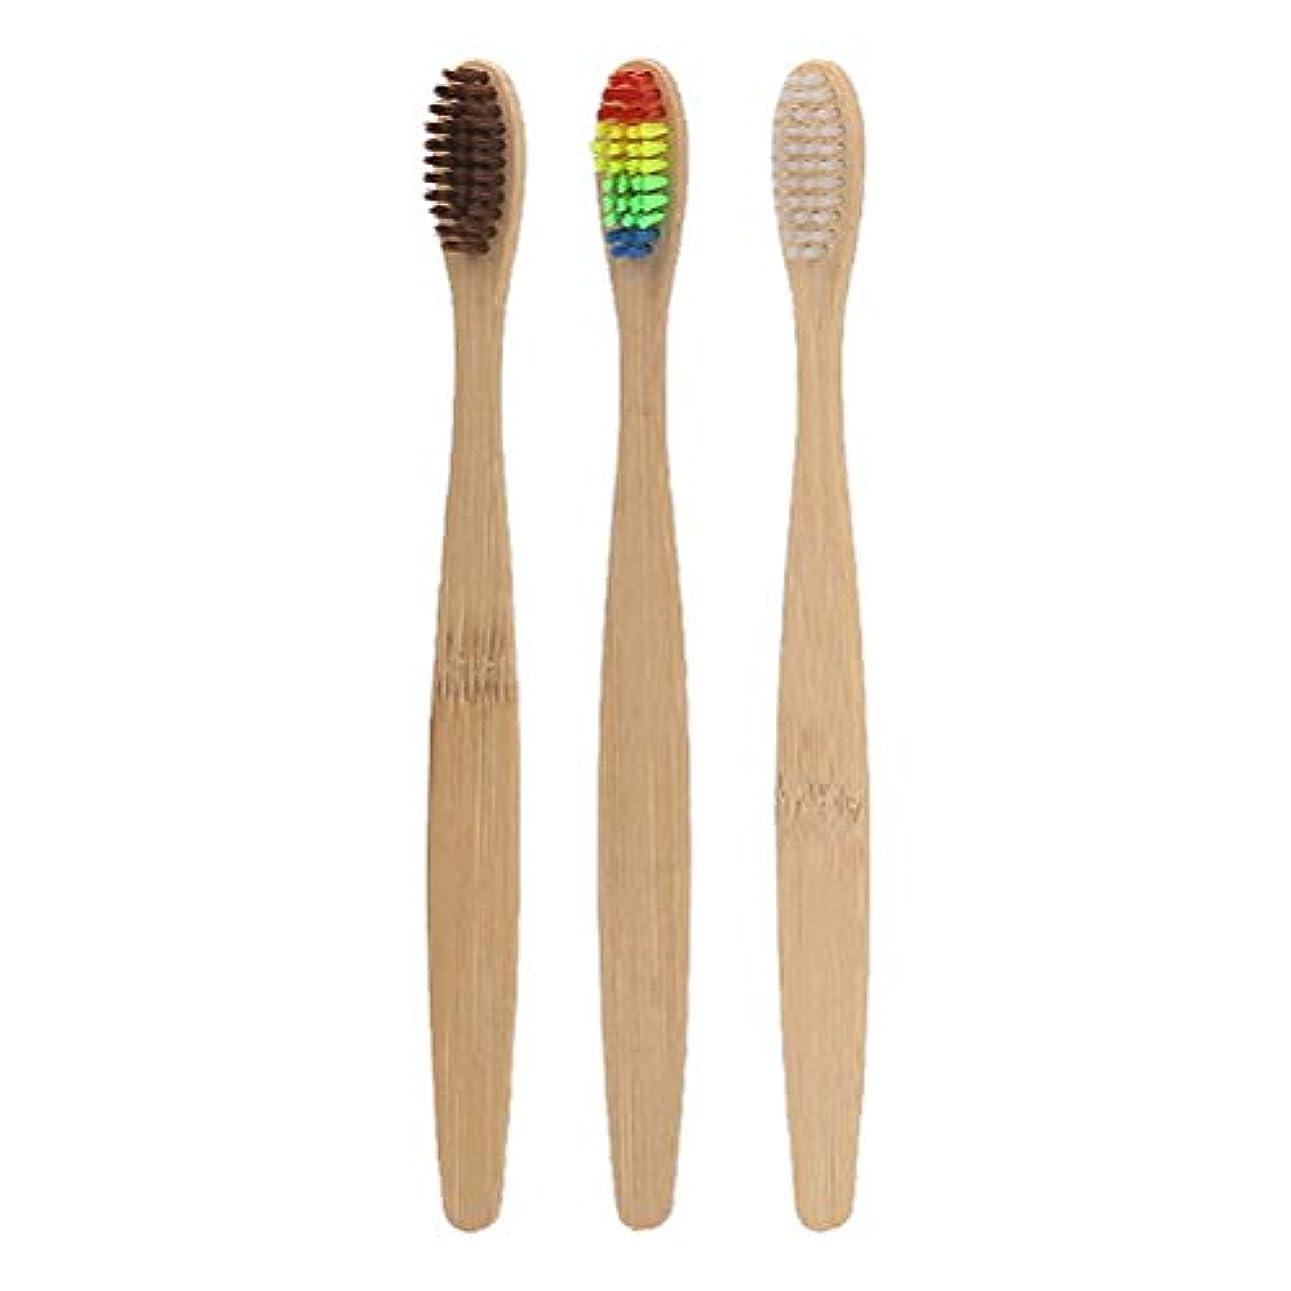 複雑でないあご不倫Healifty 環境に優しい竹製の歯ブラシ3本の柔らかい環境に優しい竹製の歯ブラシ男性用女性